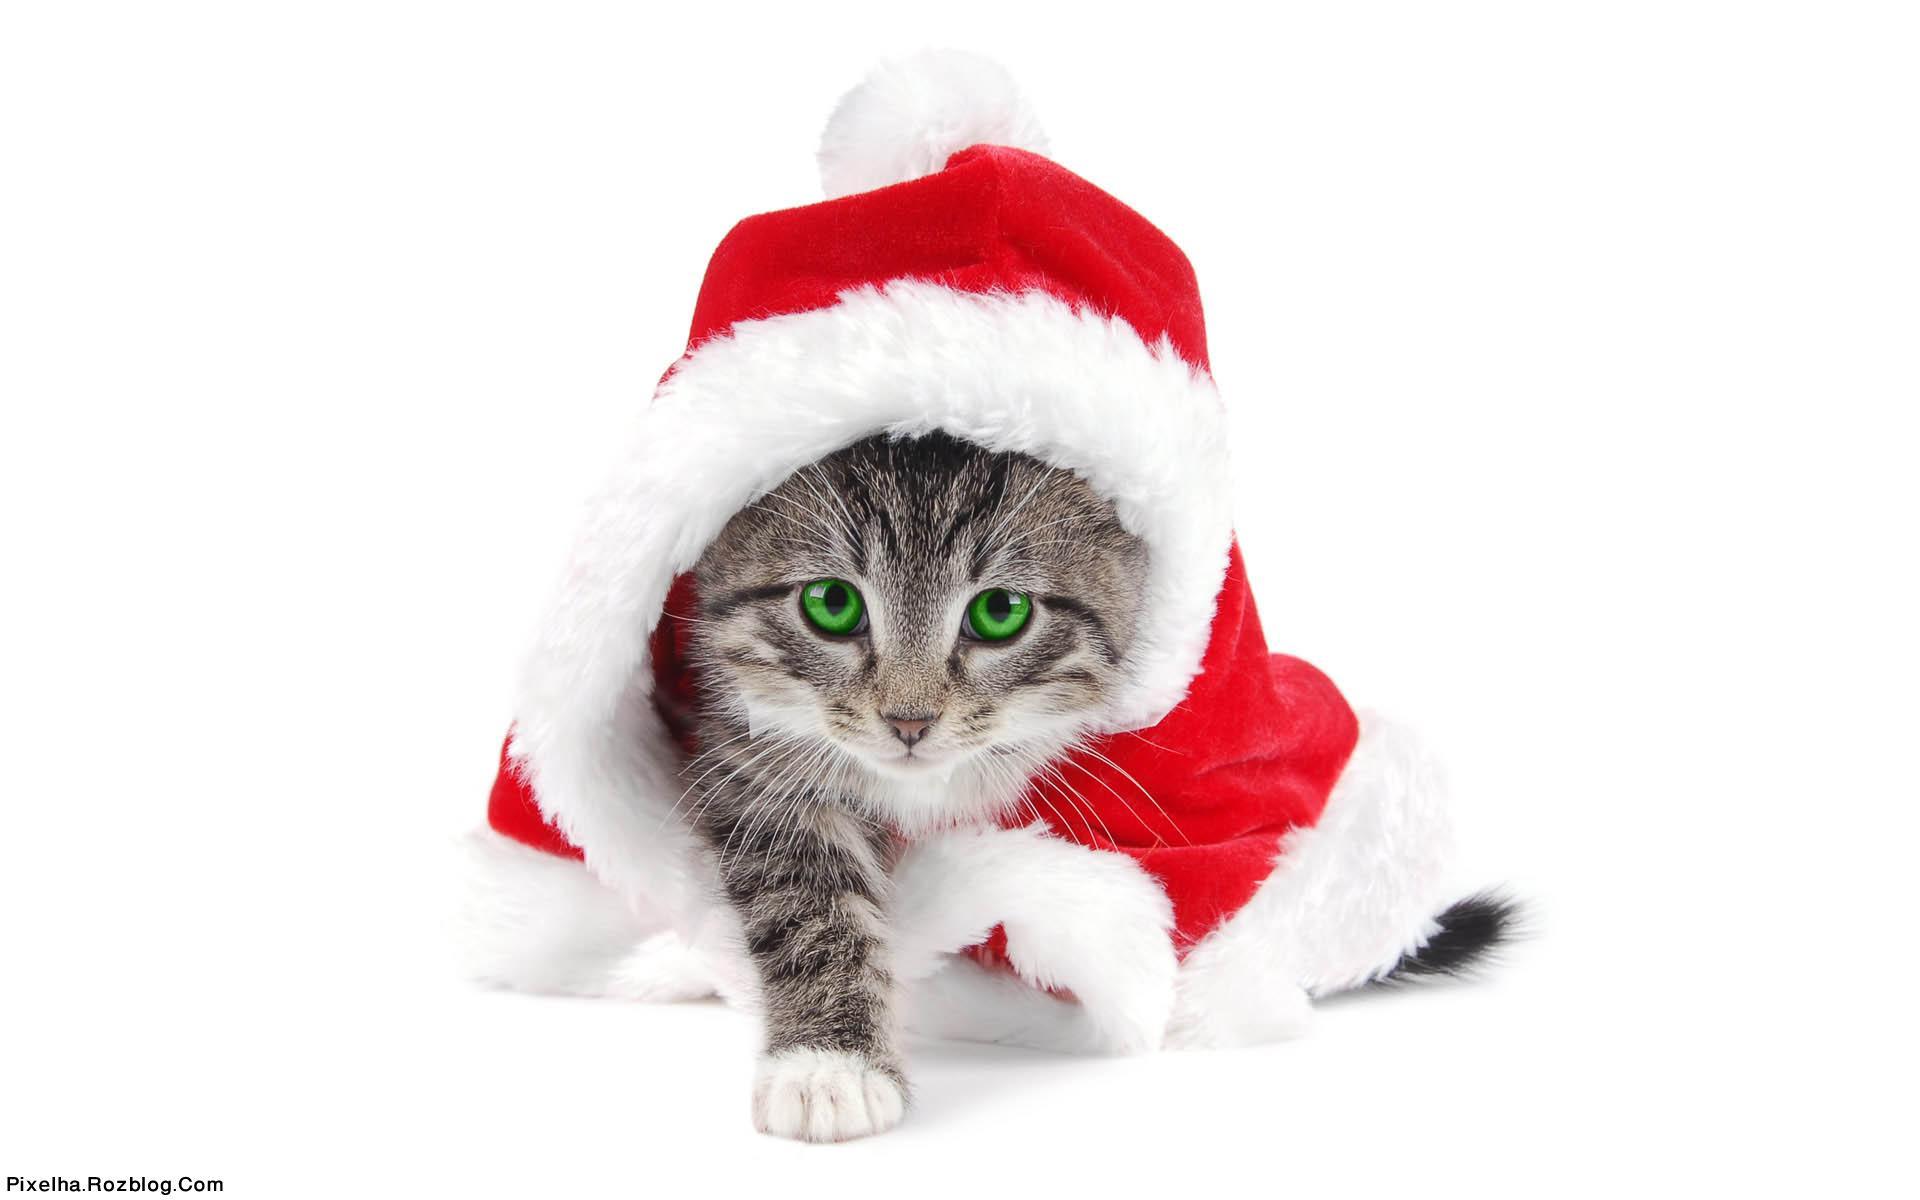 بچه گربه بابانوئلی با چشمان سبز